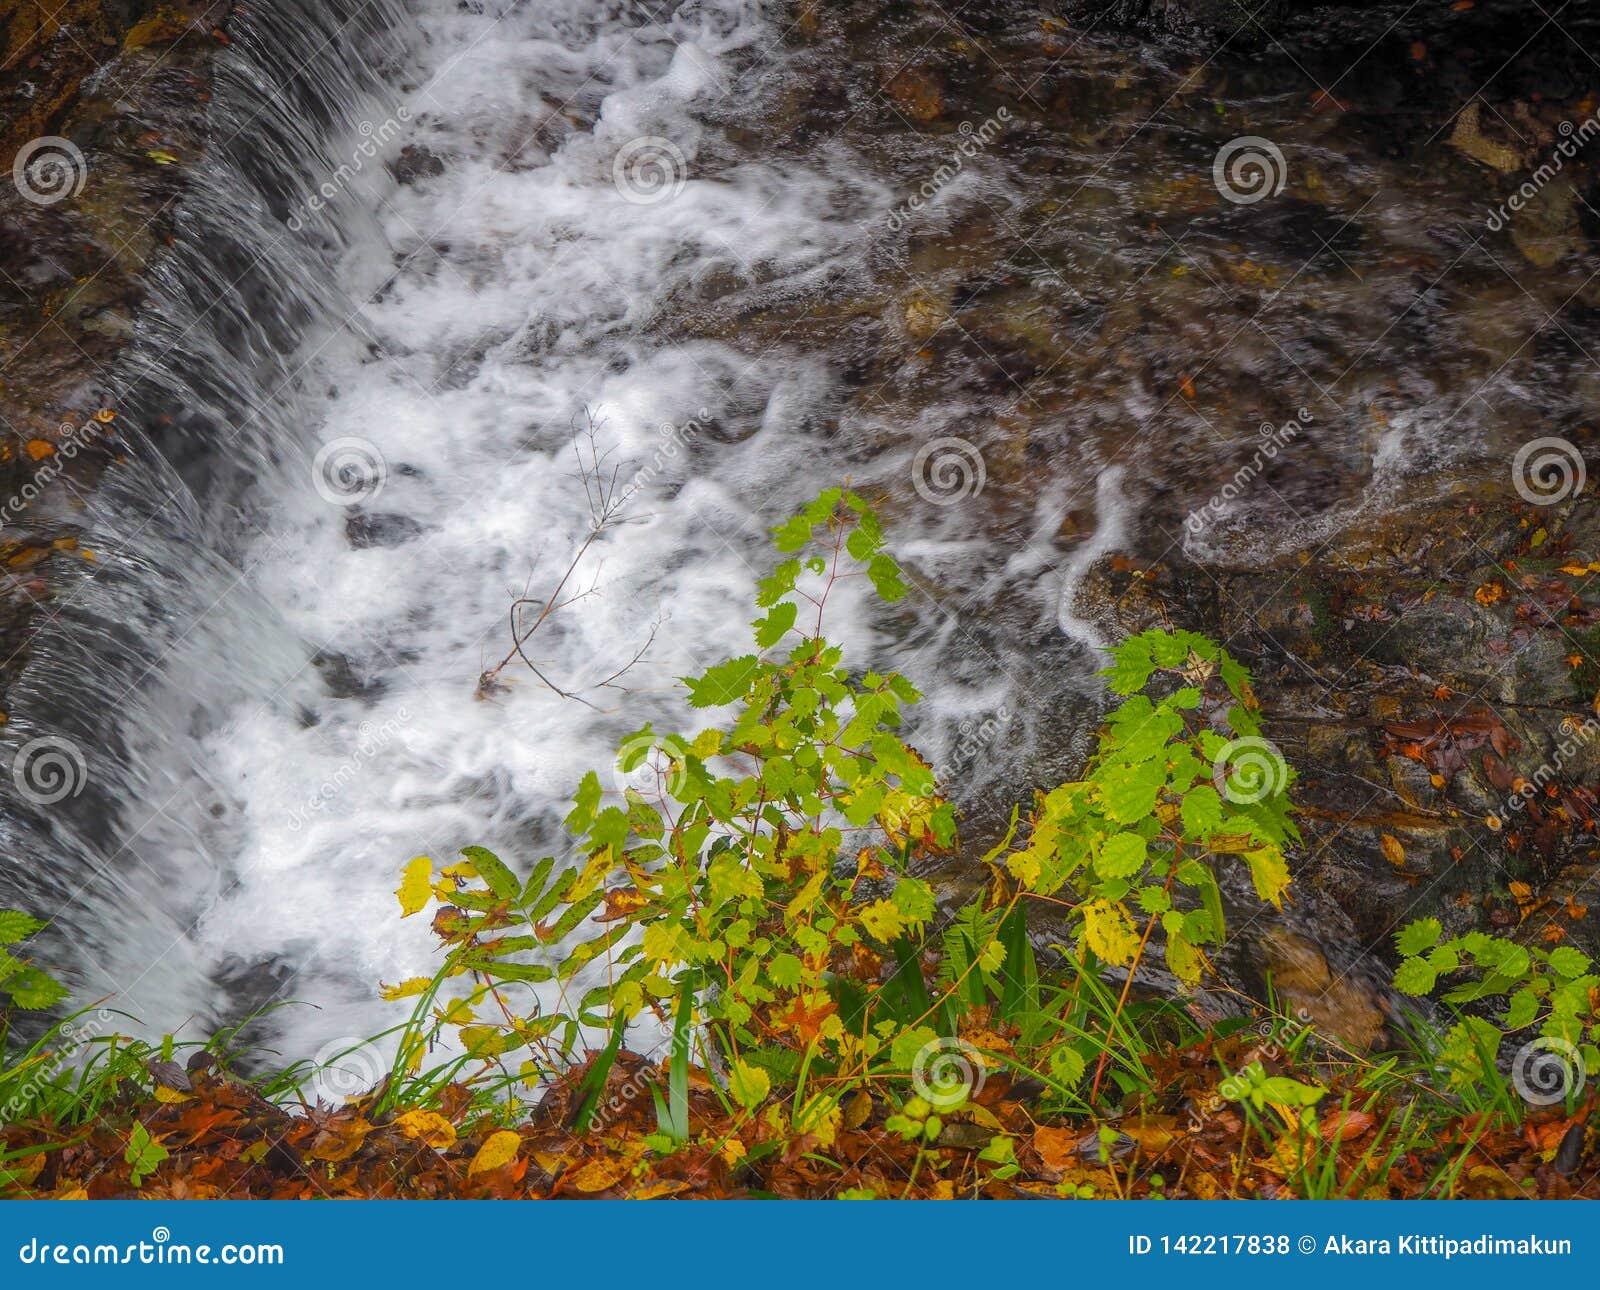 Kleine grüne Bäume neben einem kleinen Wasserfall